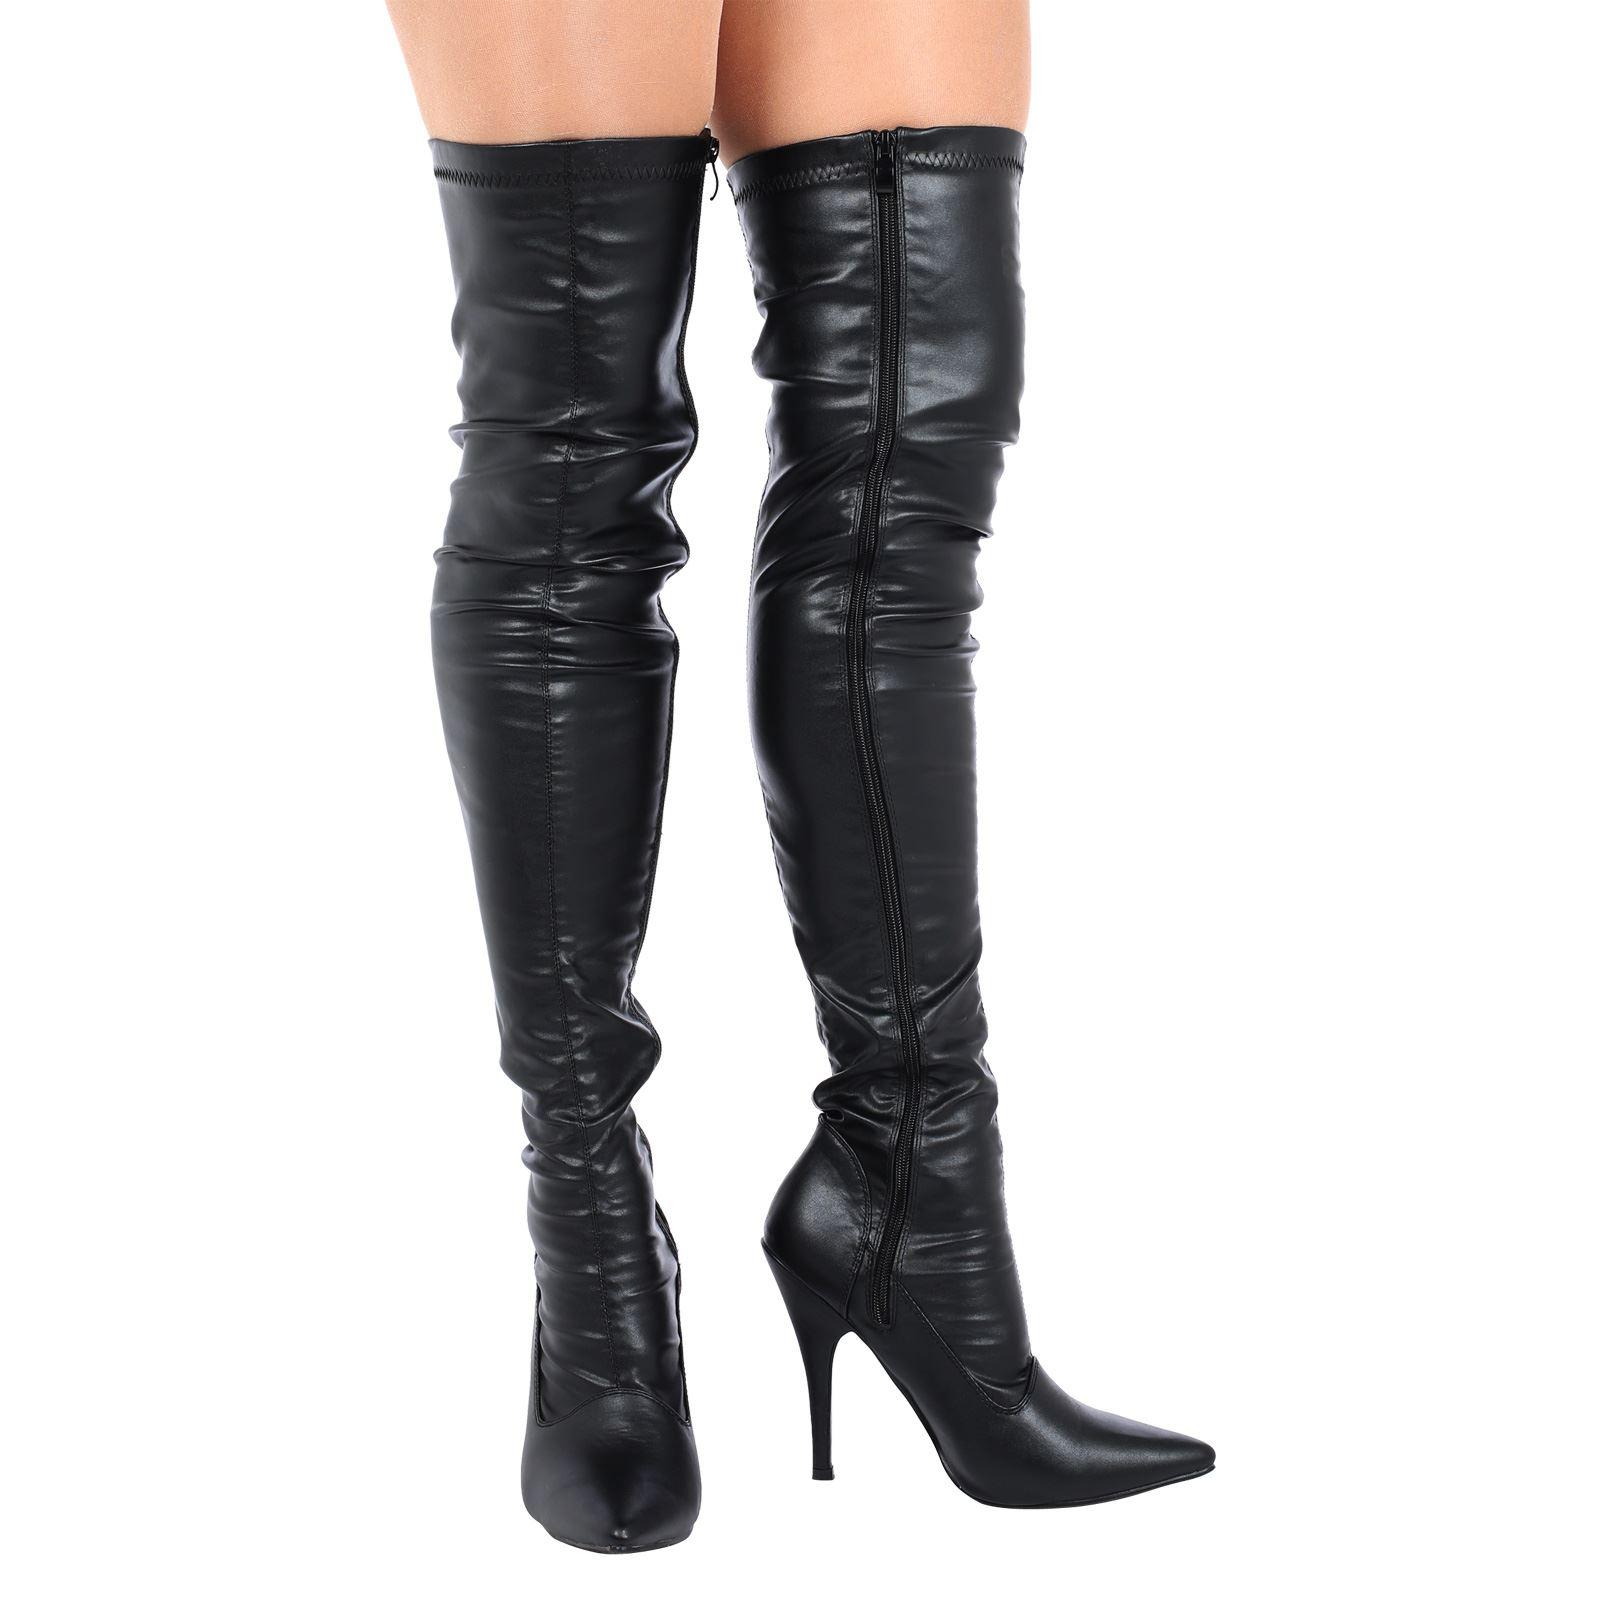 lucille womens stiletto heels zip up thigh